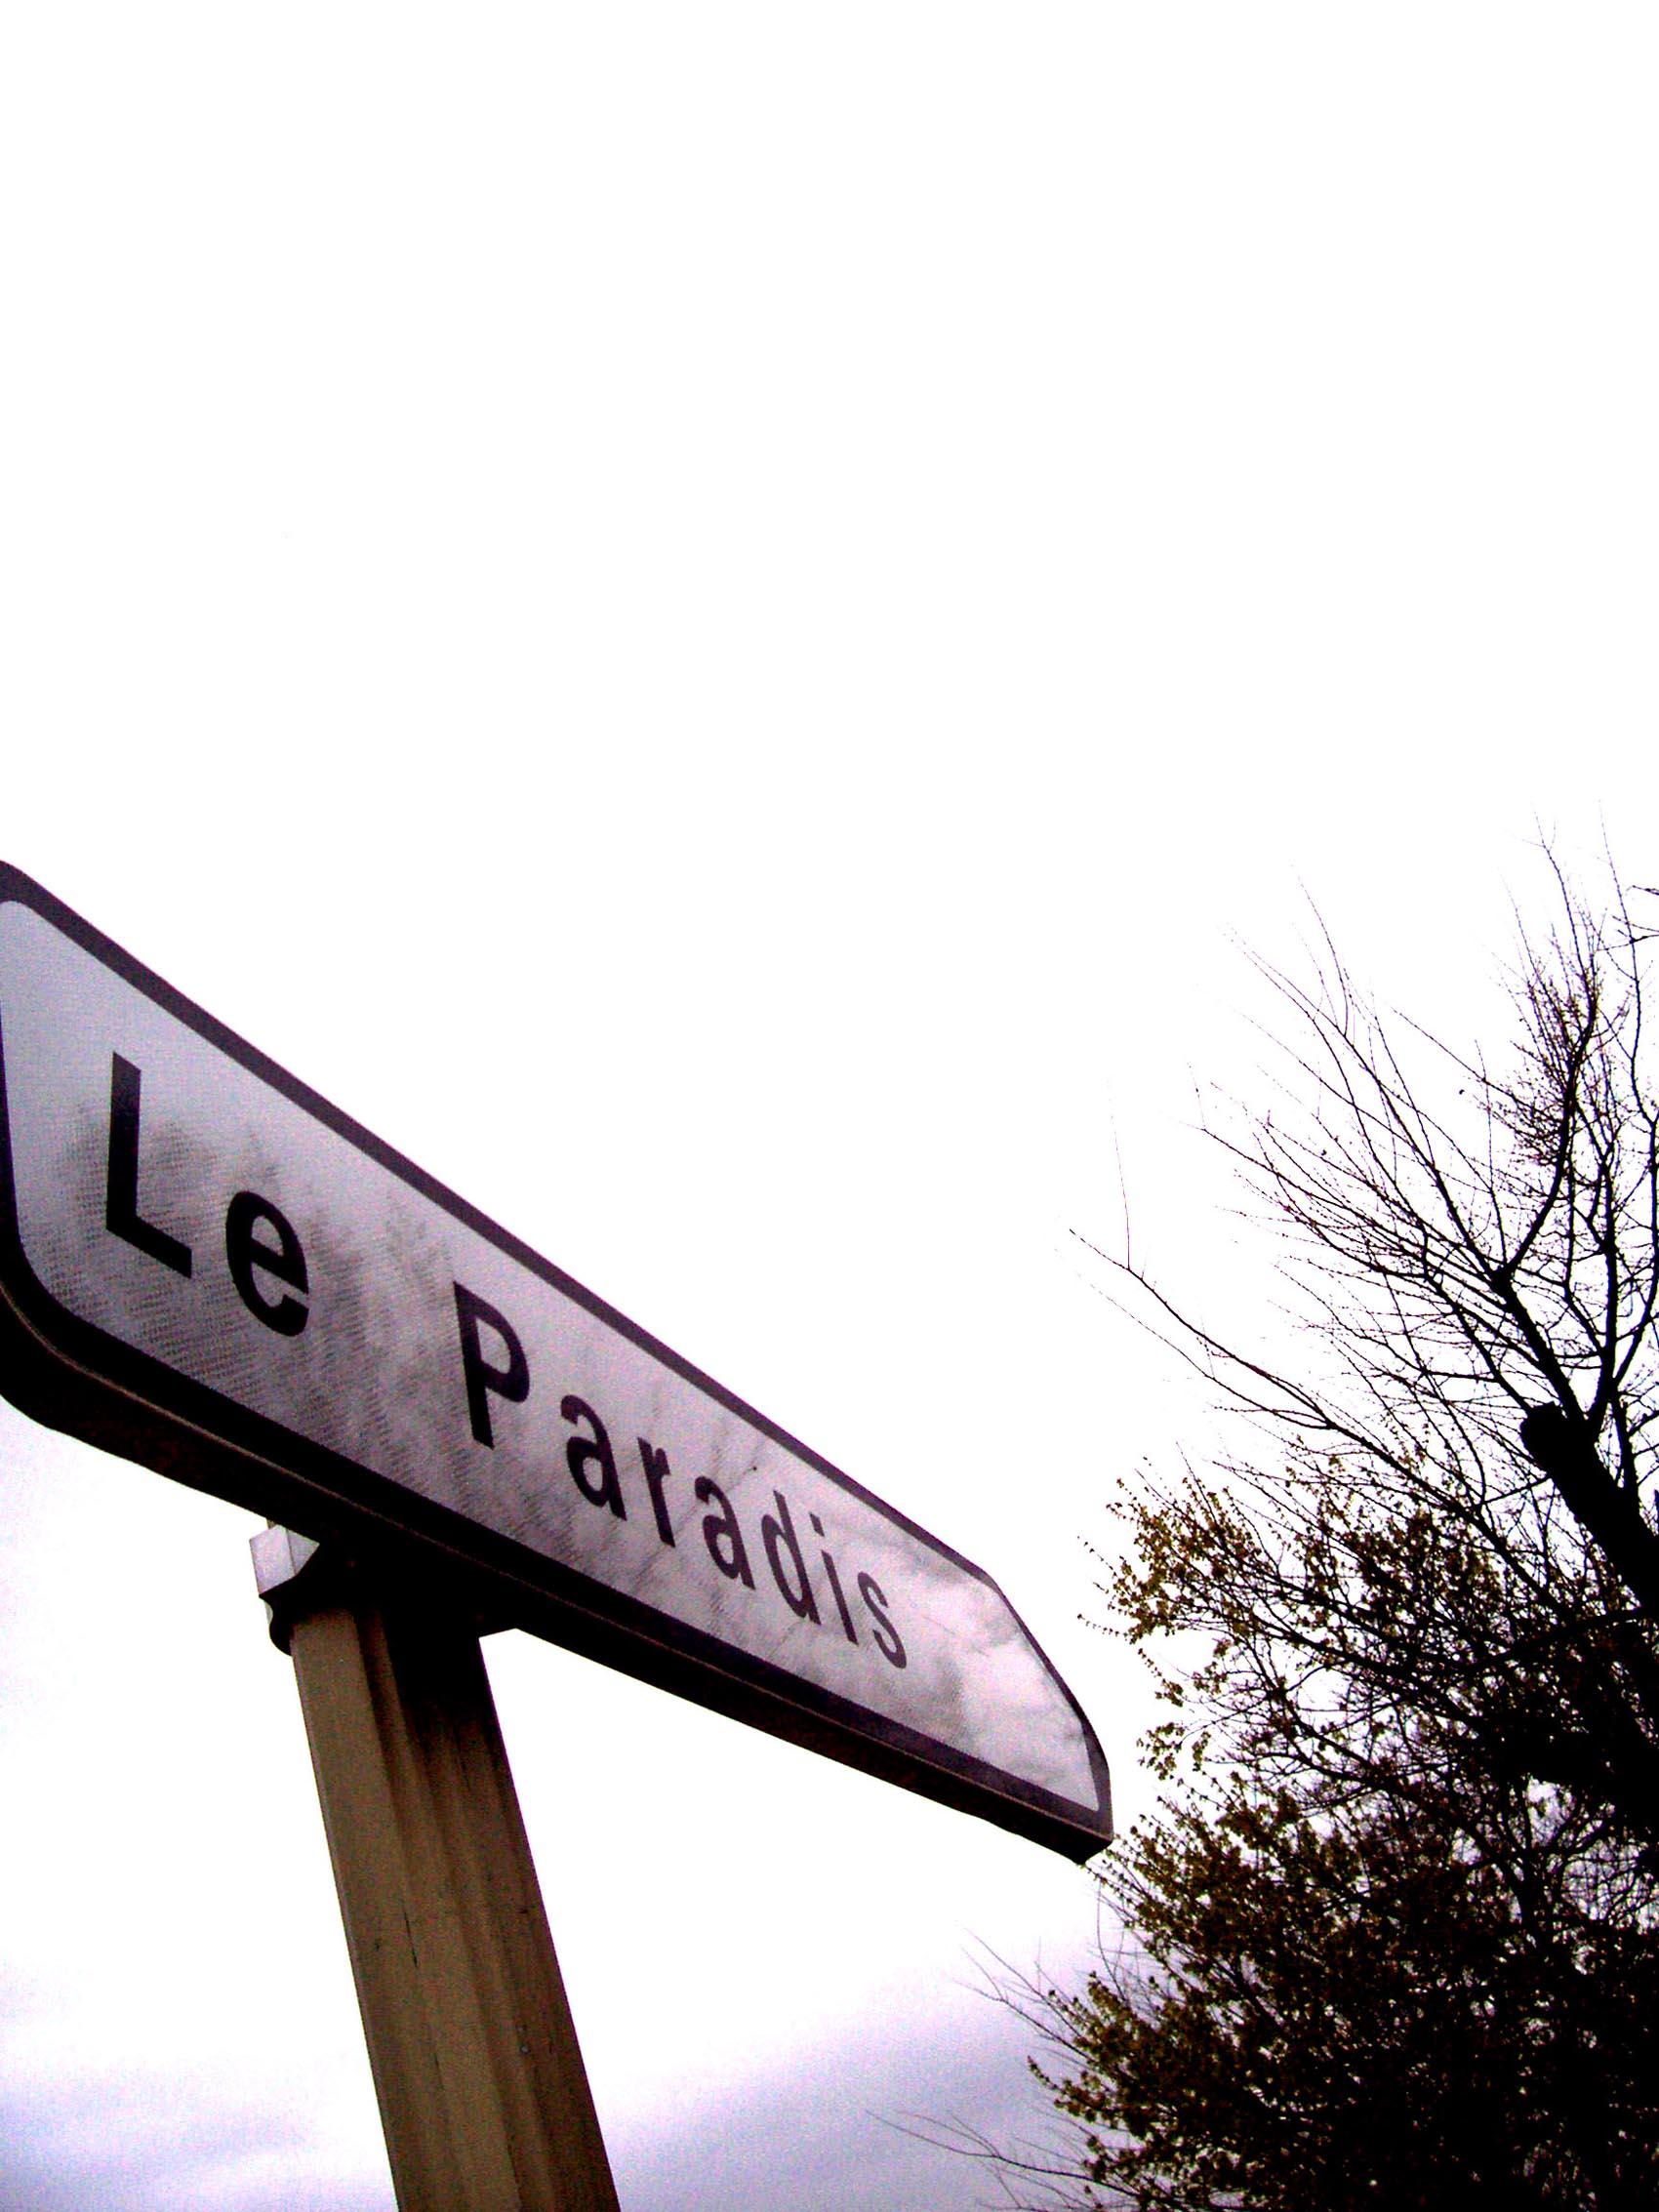 paradis.jpg